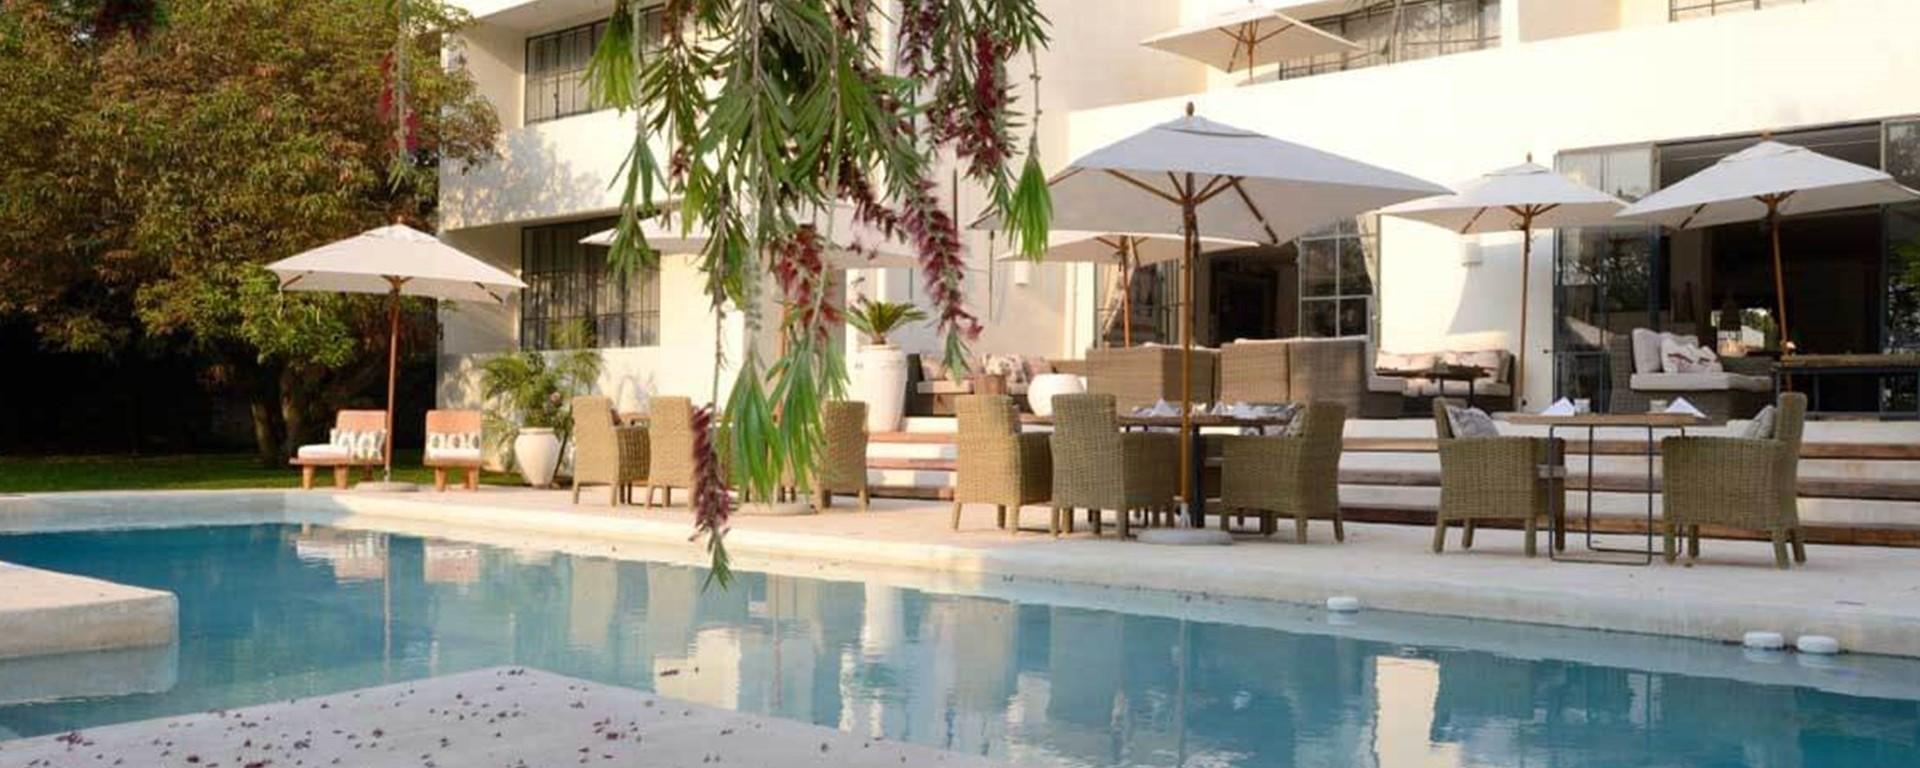 latitude-15-boutique-hotel-lusaka